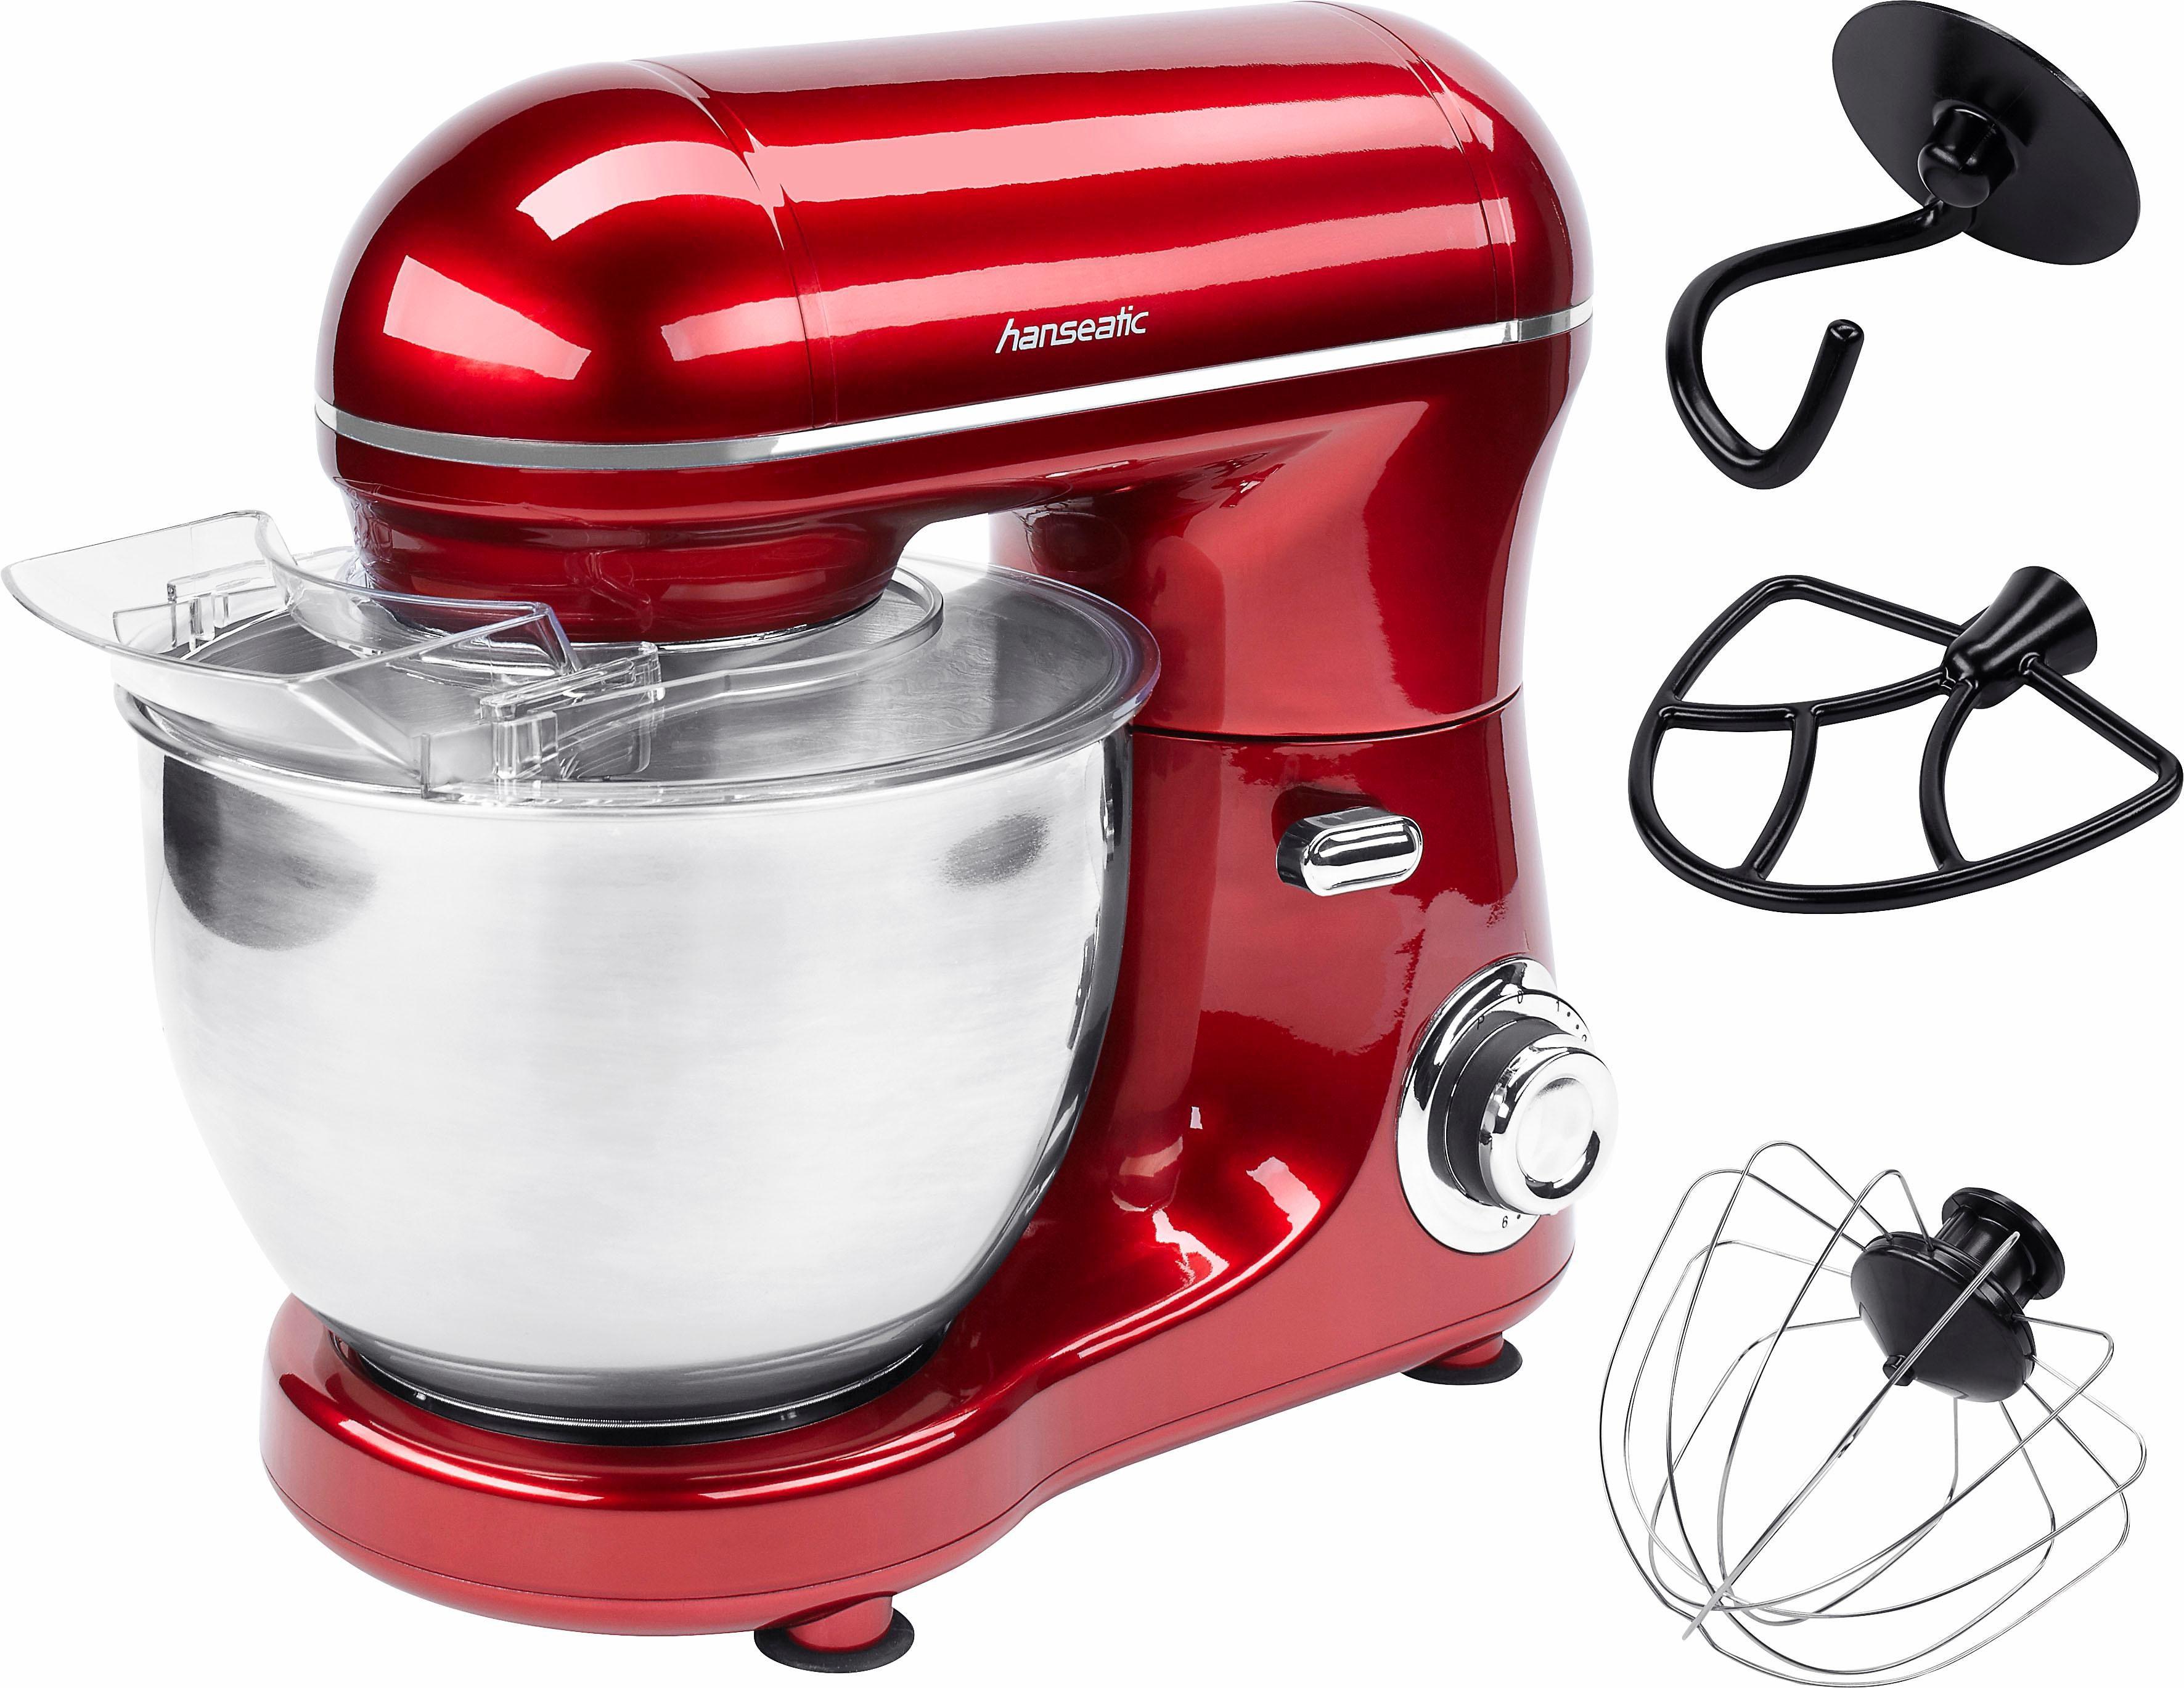 Hanseatic Küchenmaschine LW-6835G1 red, 600 W, 4 l Schüssel